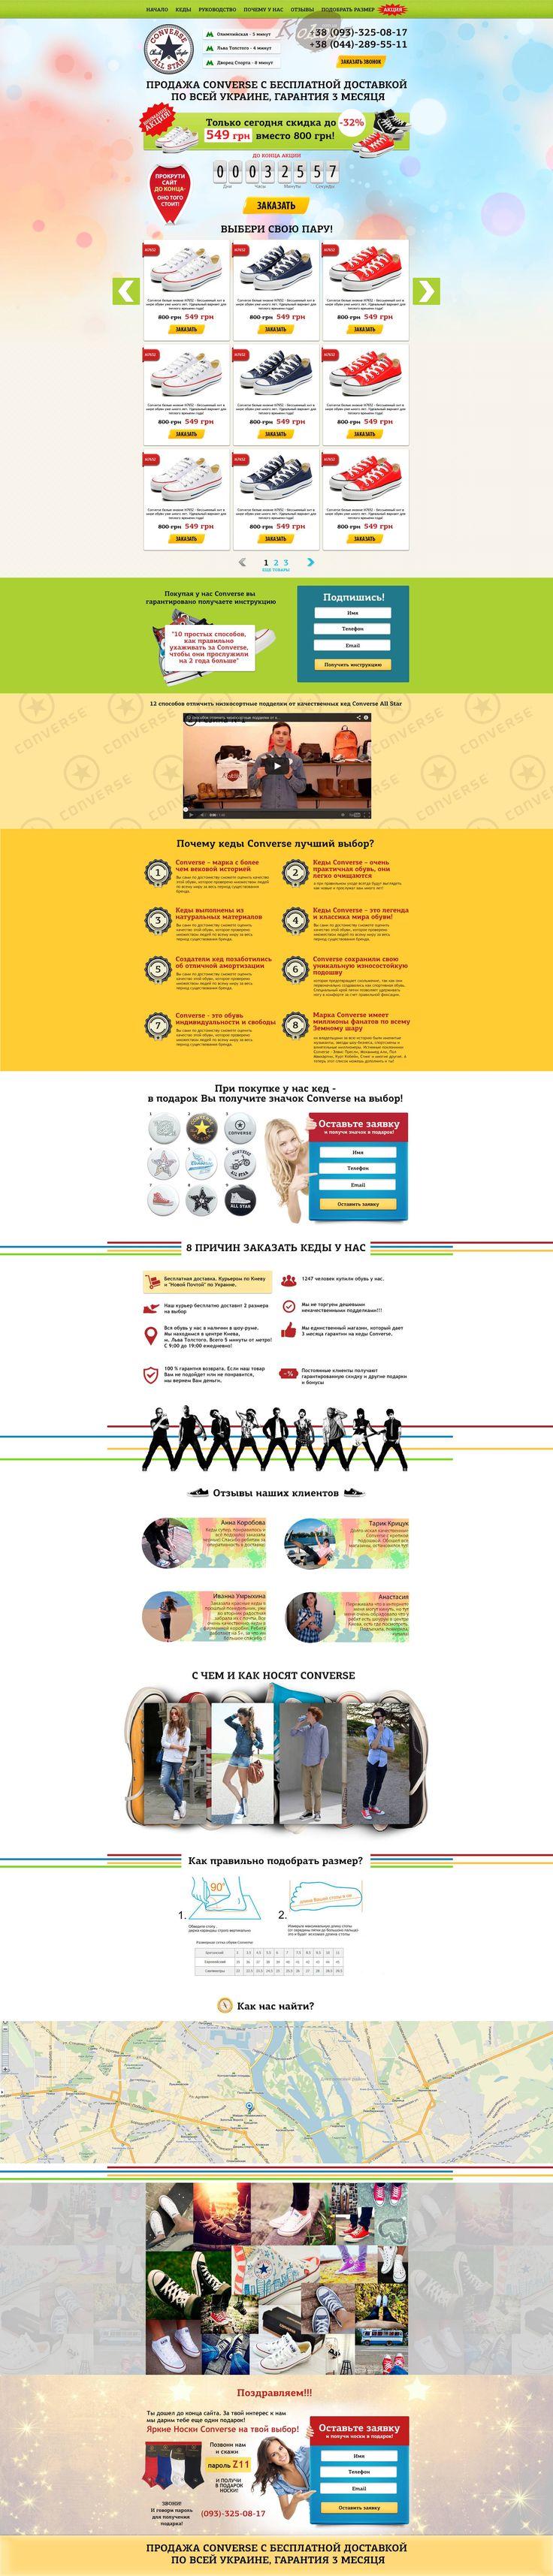 Лендинг пейдж для ниши - молодежная кеды Converse Заказать такой сайт тут www.fresh5.com.ua